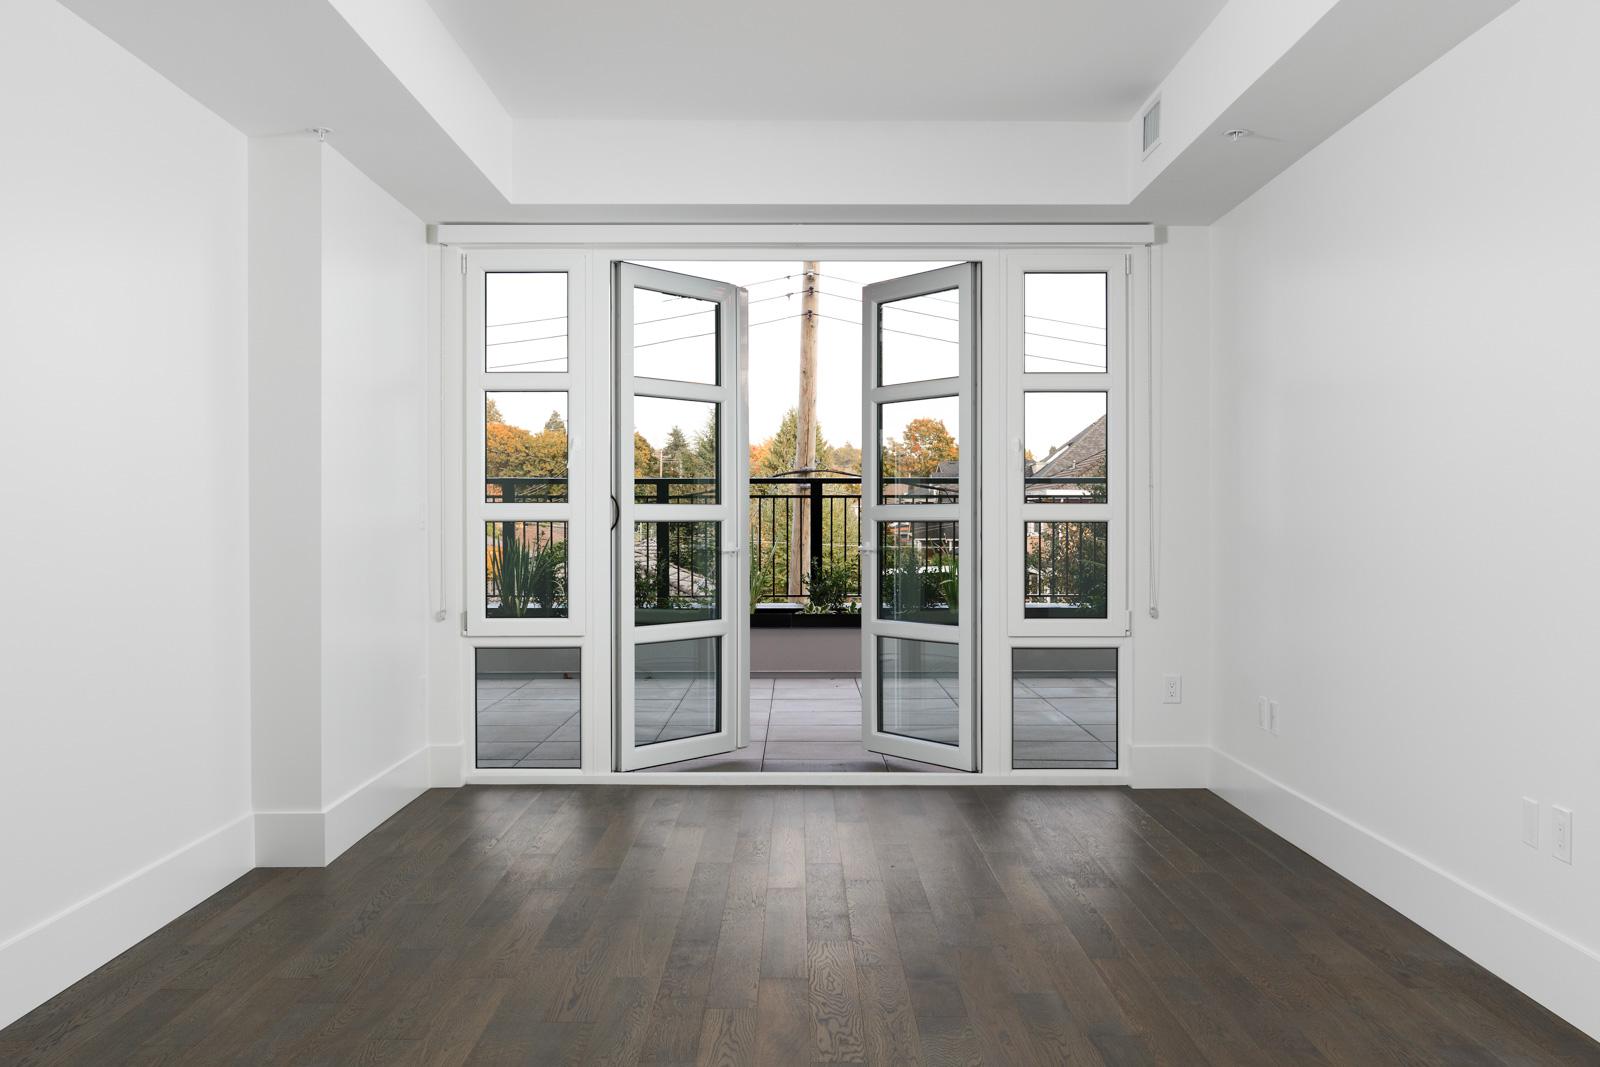 Living room of condo with dark brown hardwood floors with open window doors onto patio